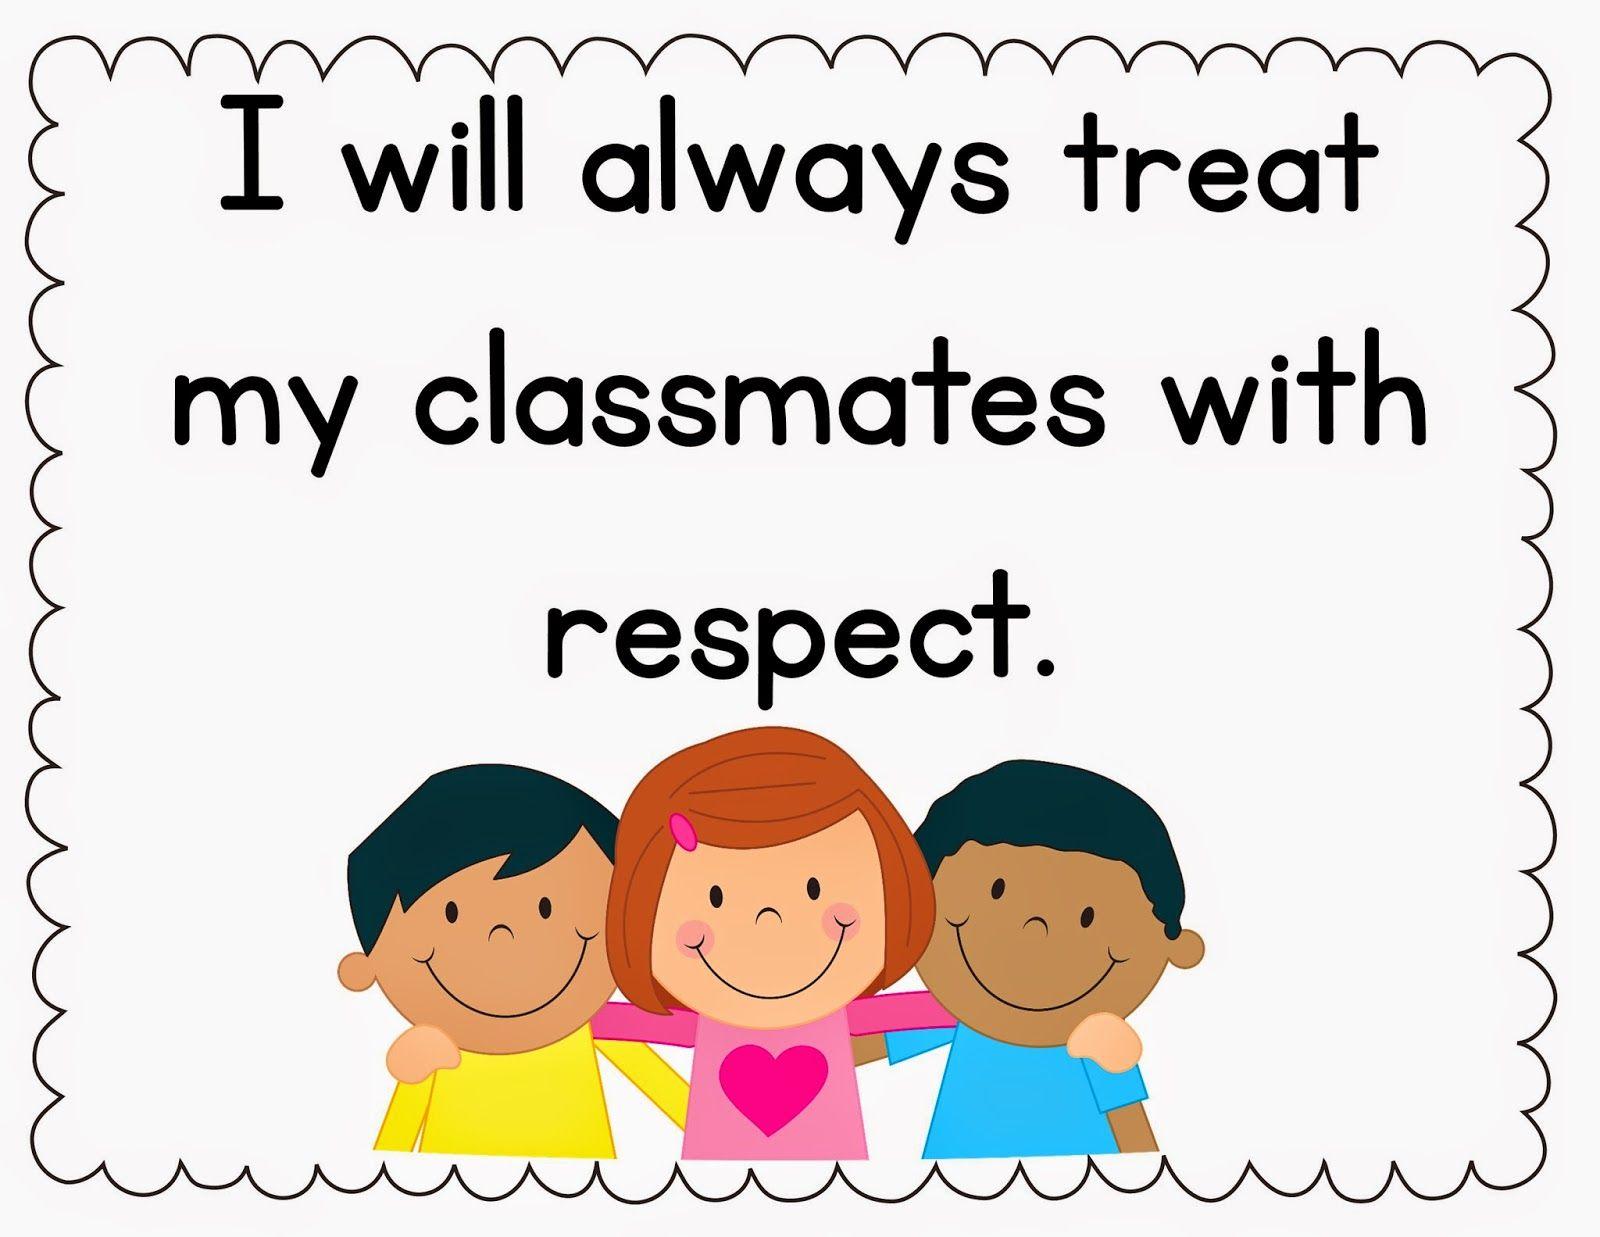 classroom rules clipart the cliparts preschool pinterest rh pinterest co uk classroom rules clipart classroom rules clip art pictures